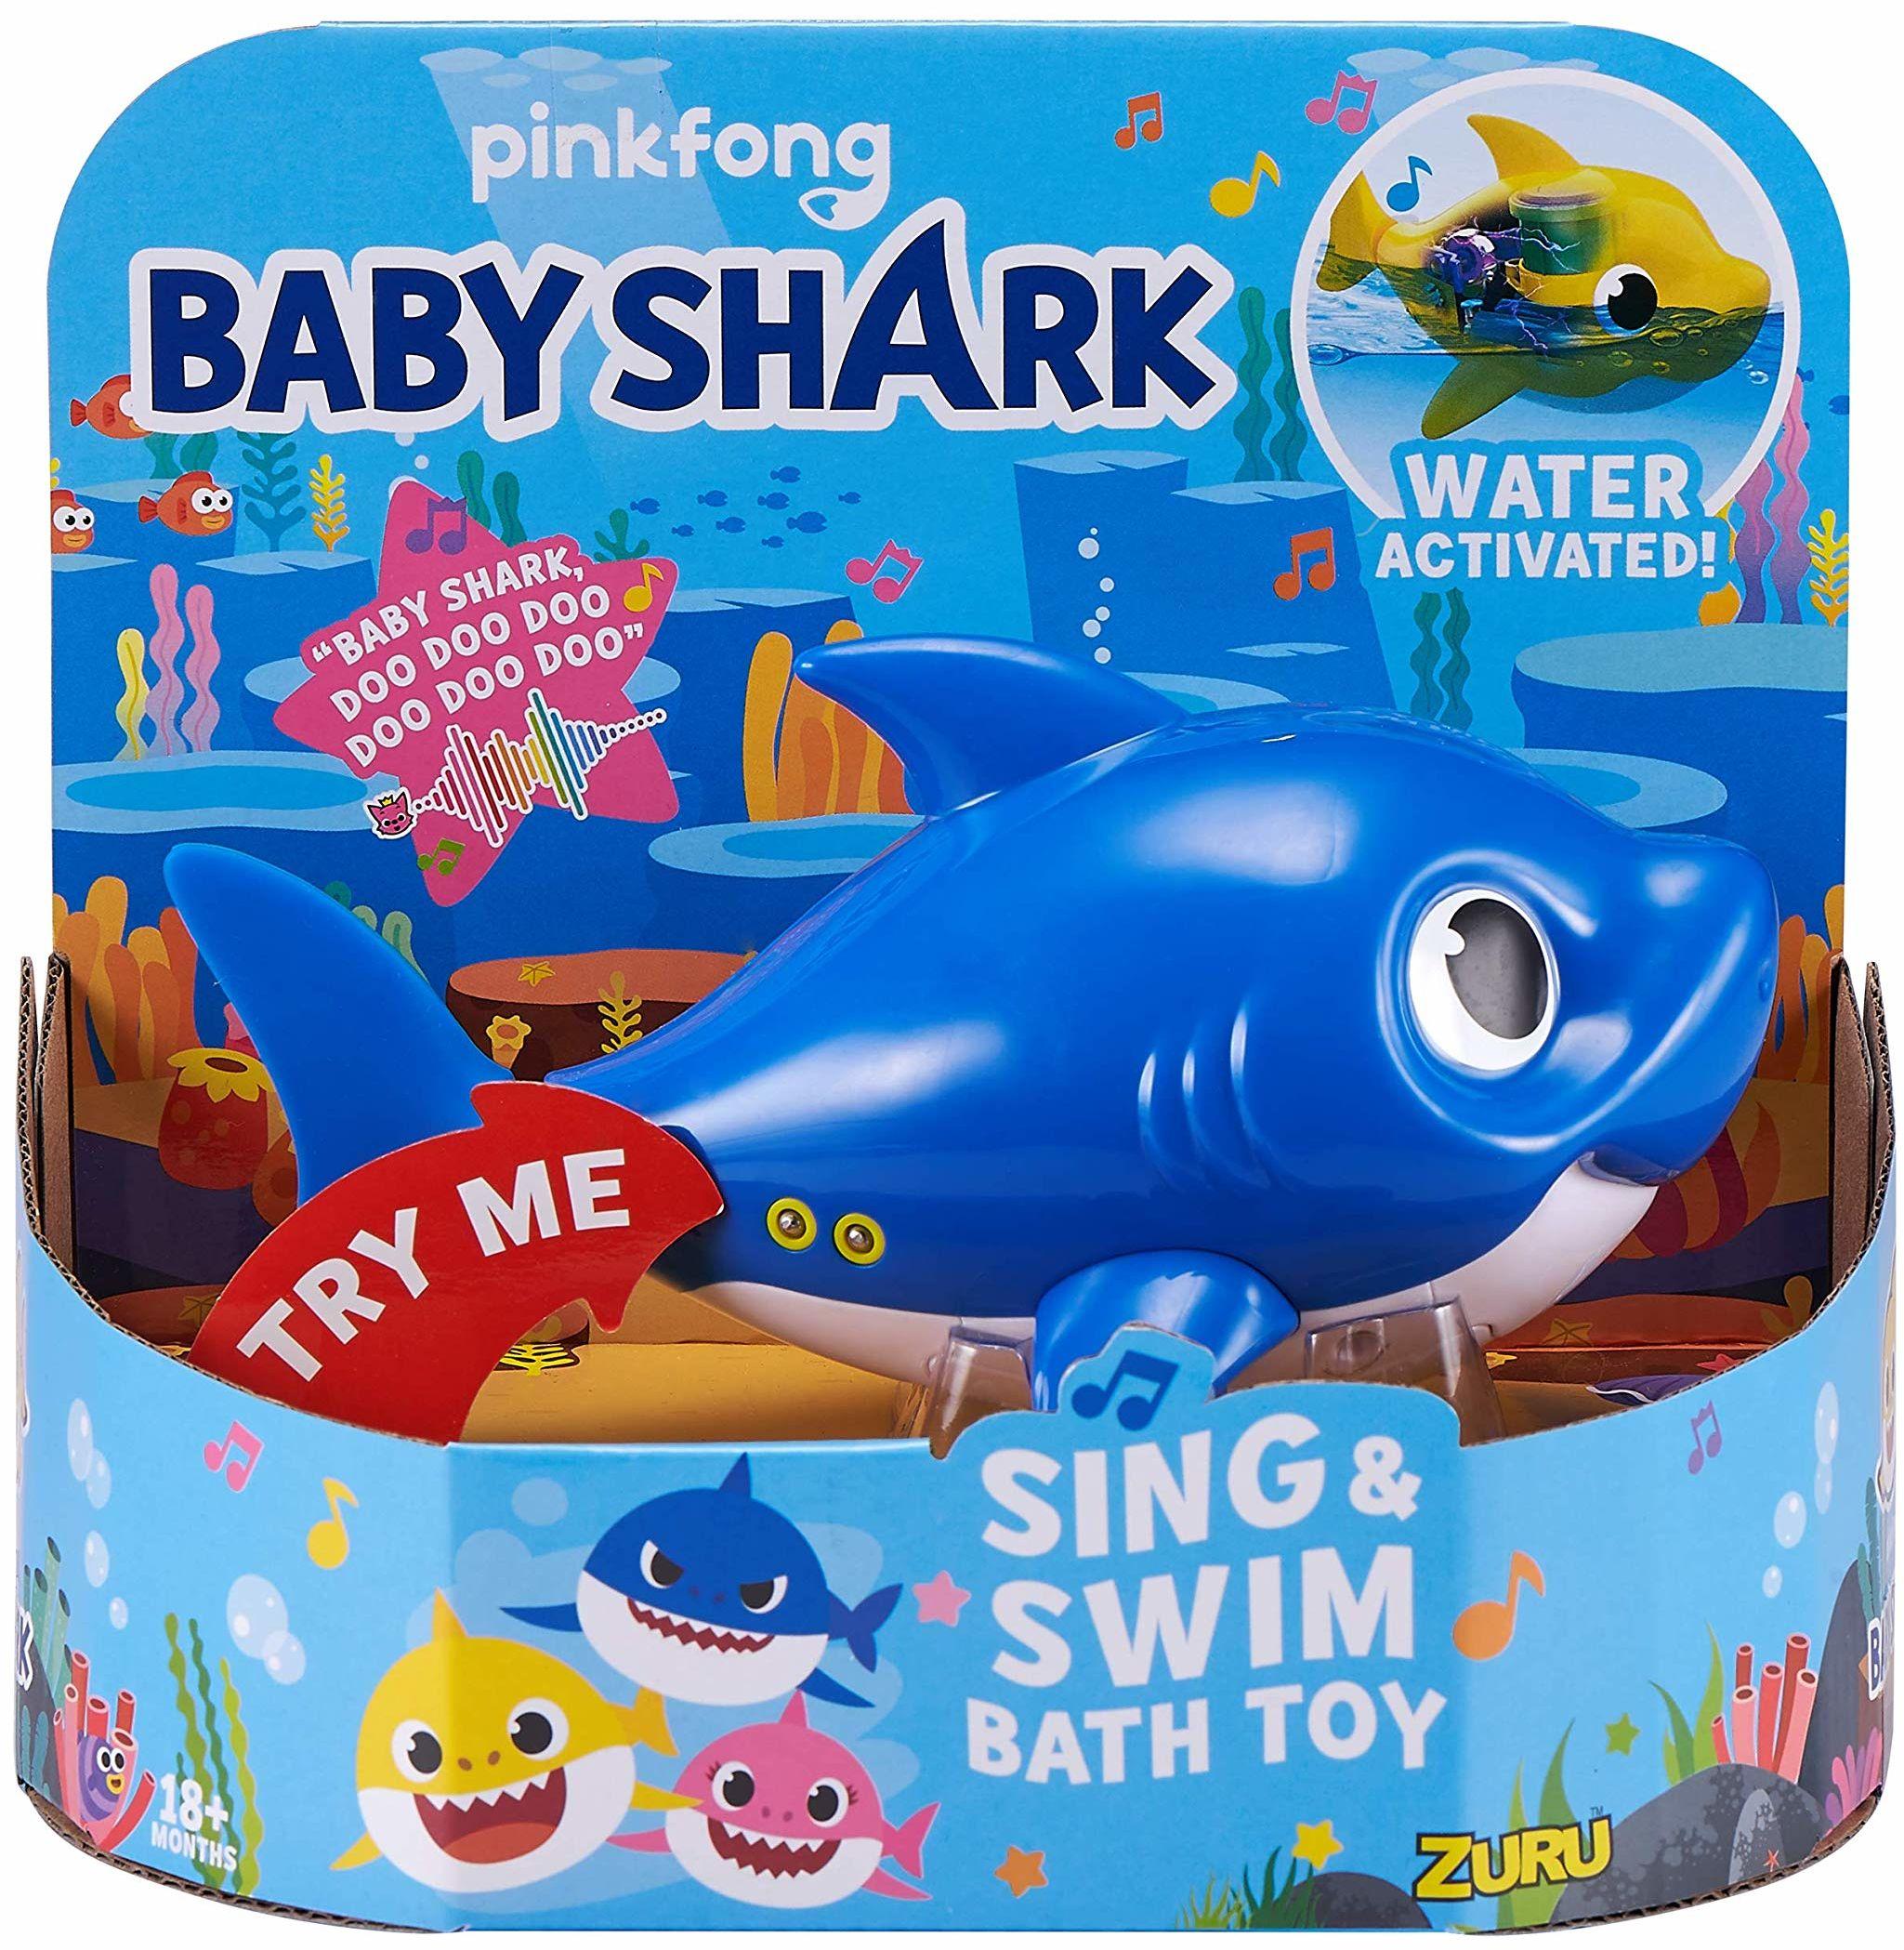 ZURU ROBO ALIVE JUNIOR 25282B zabawka do kąpieli, śpiewający i pływacki tatusia rekin